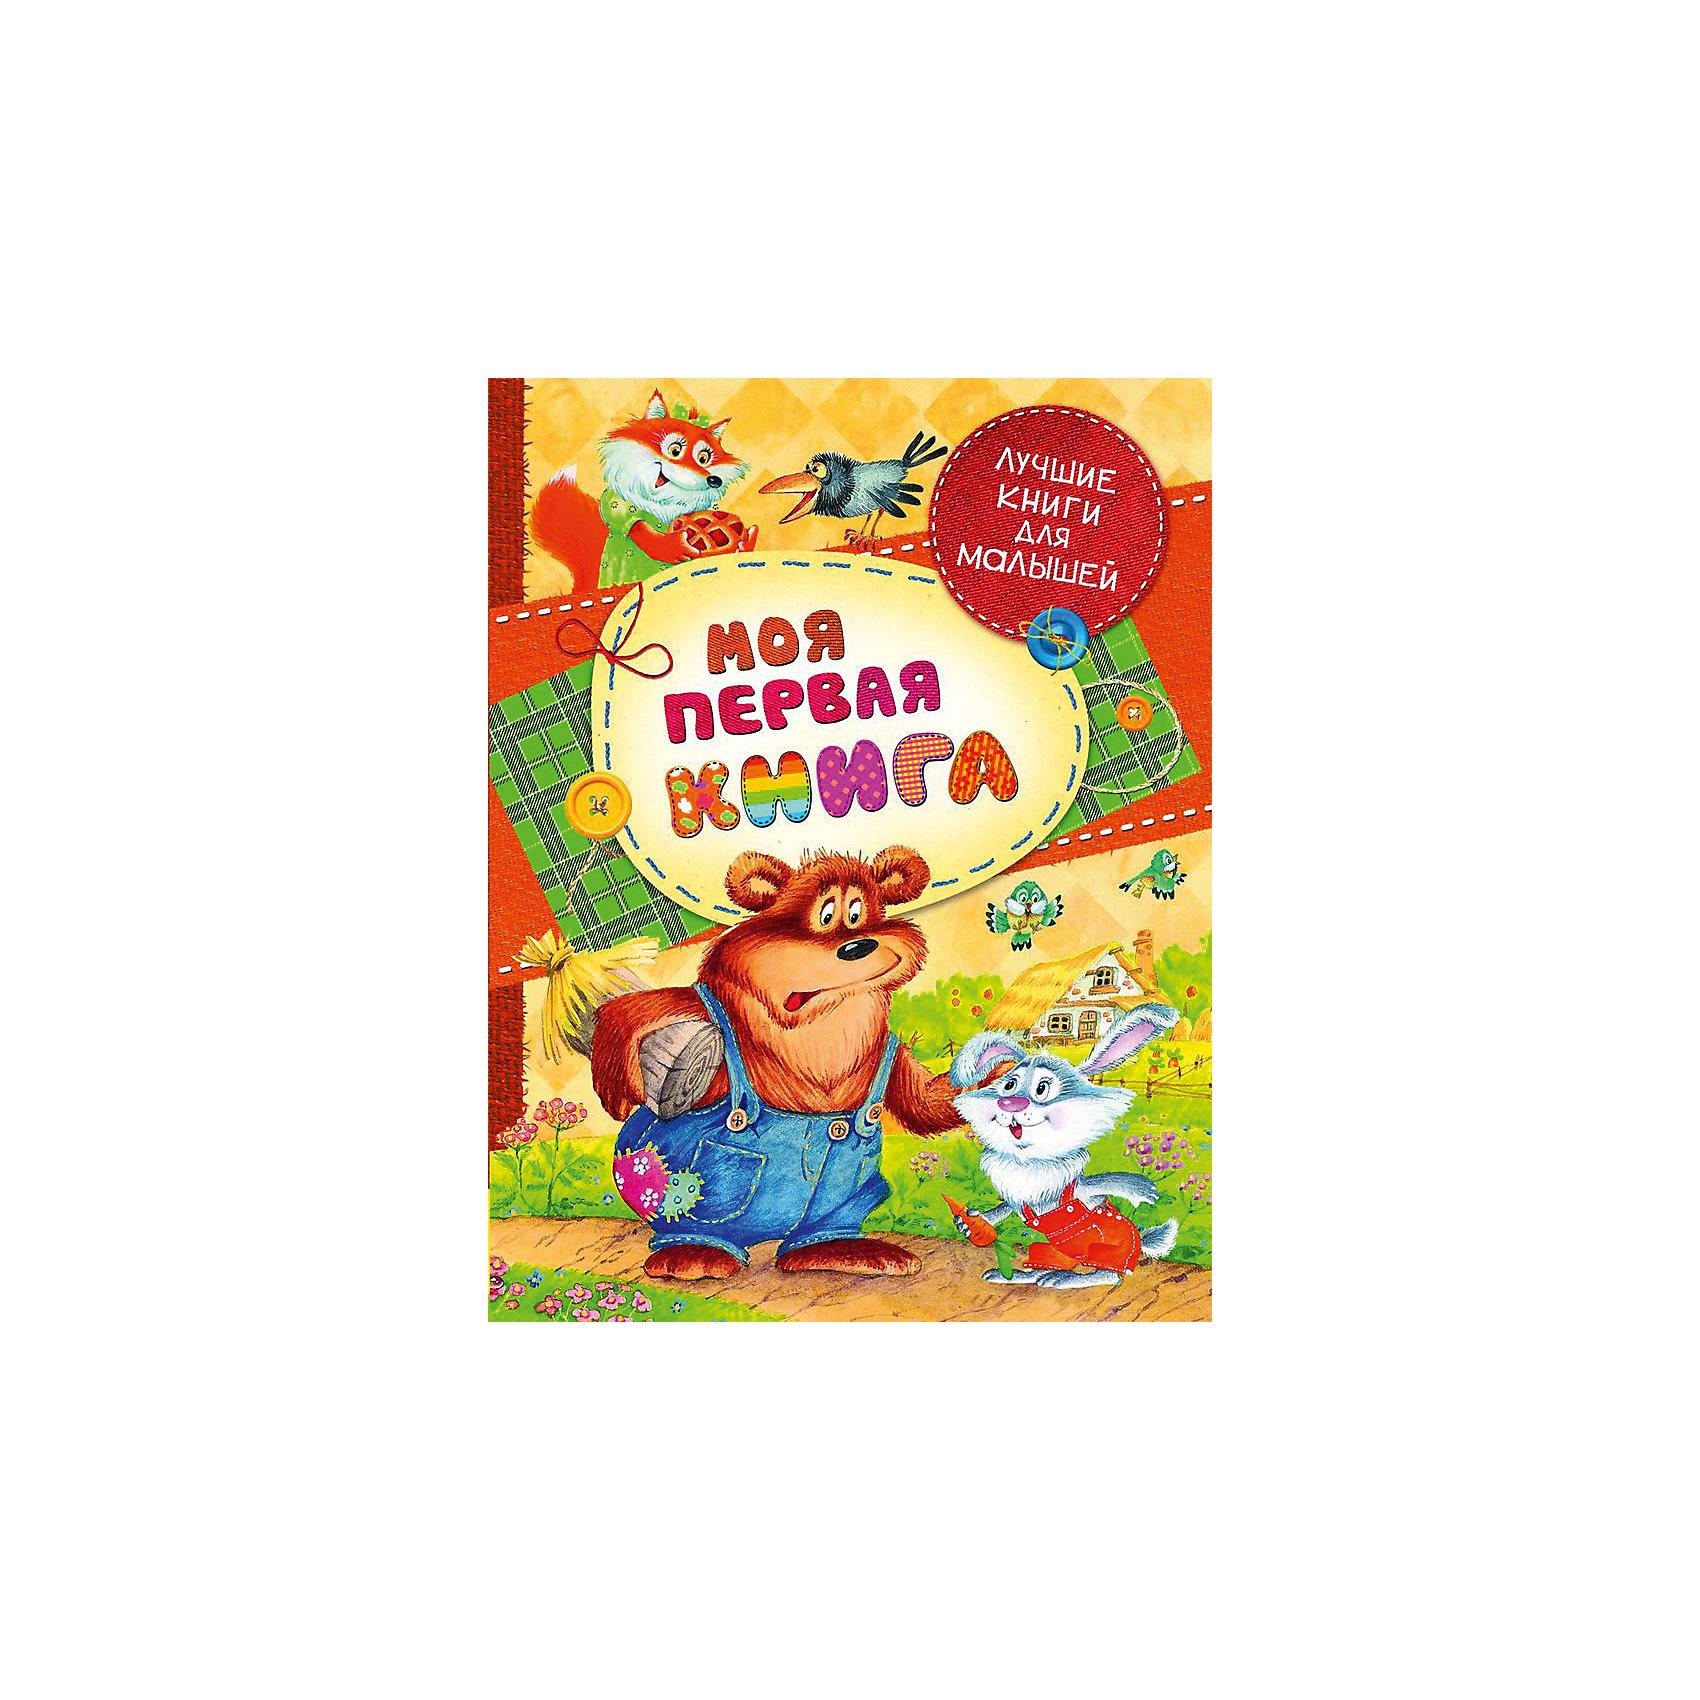 Росмэн Сборник Моя первая книга, Лучшие книги для малышей серия моя первая книга комплект из 3 книг